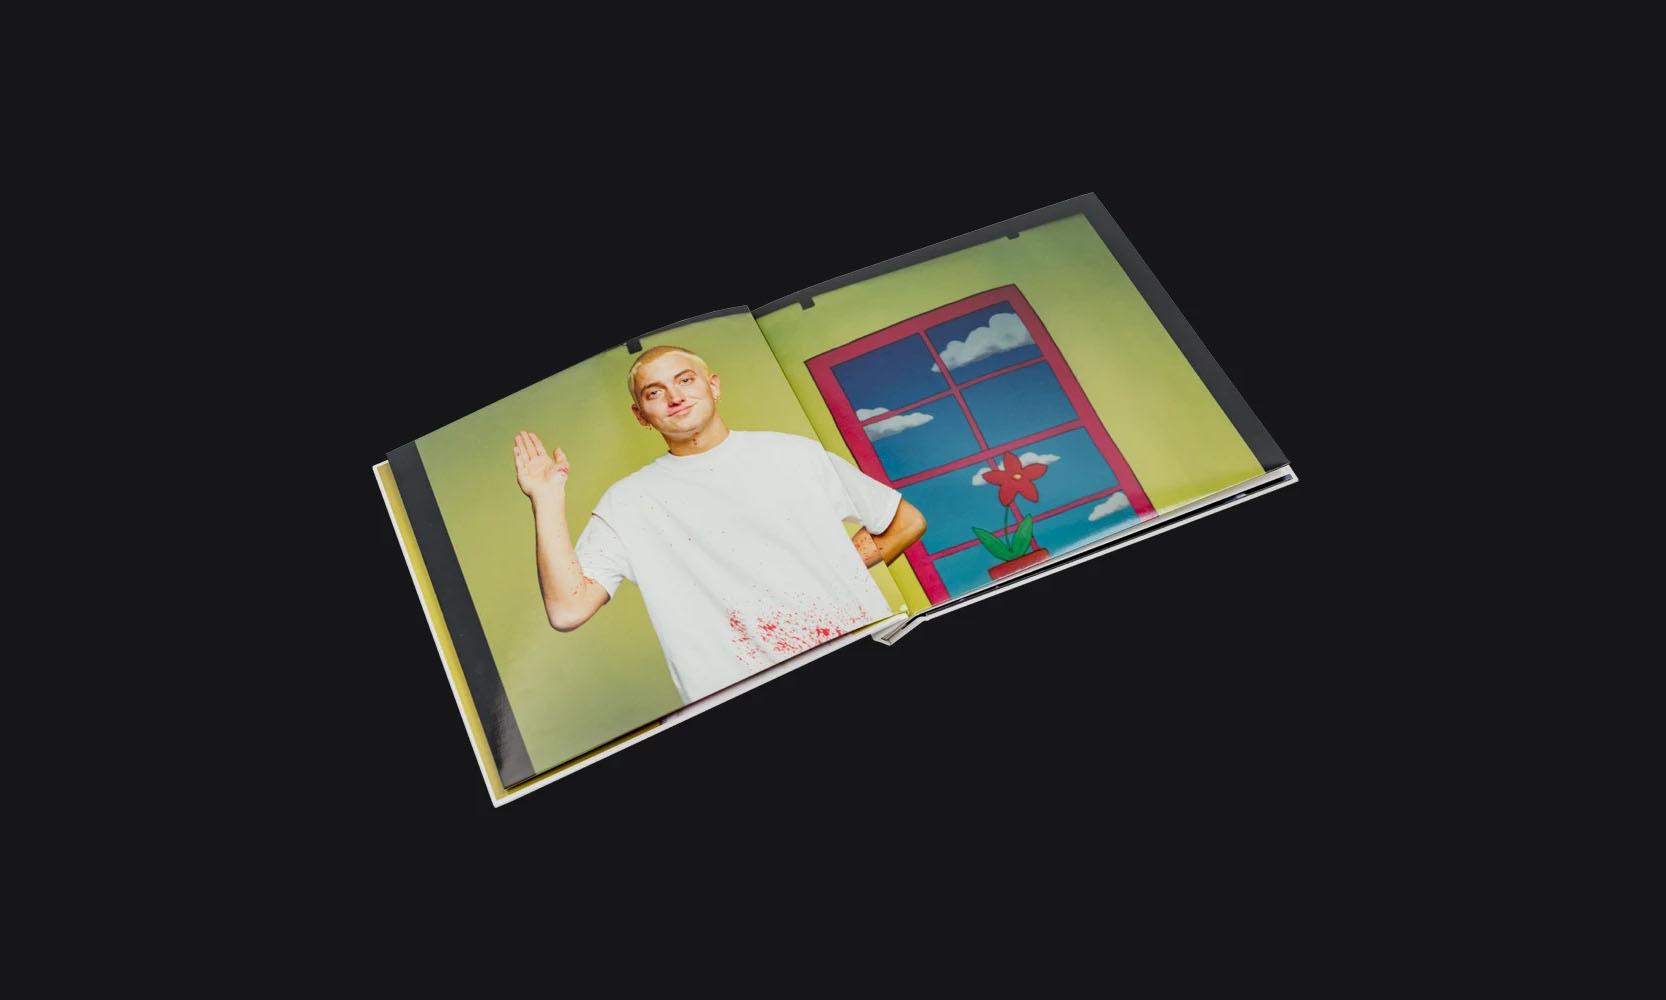 庆祝 20 周年,Eminem 发布《The Slim Shady LP》加长版